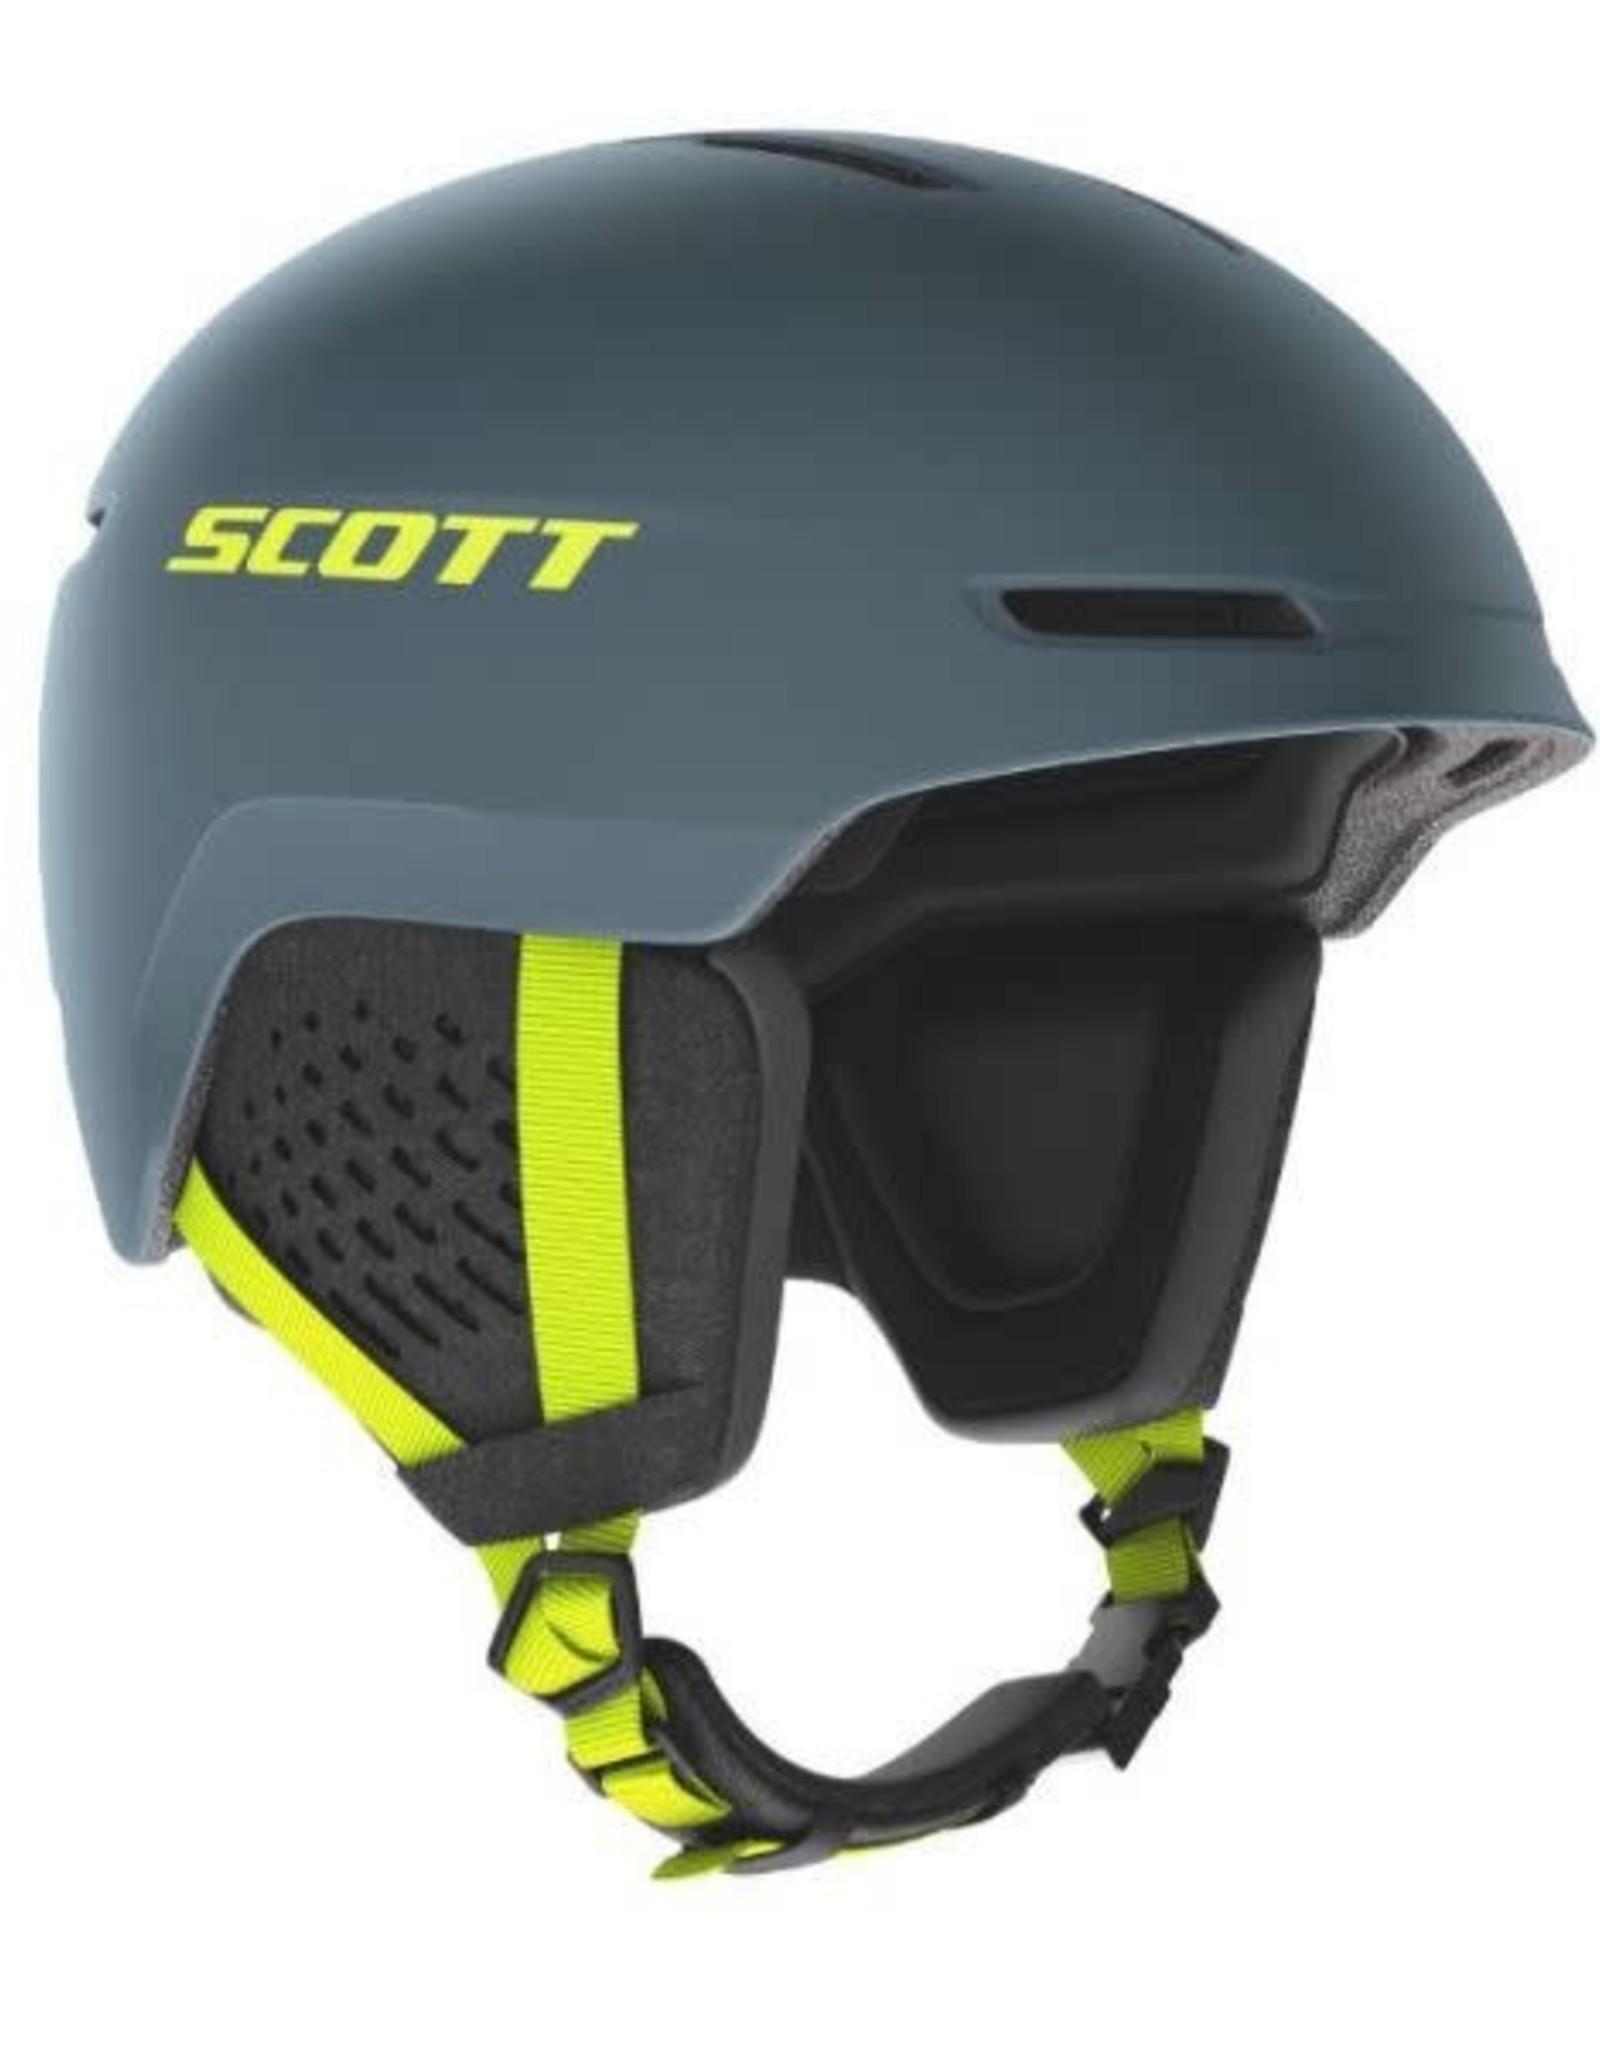 Scott Track Gris /jaune  (S) 51-55cm